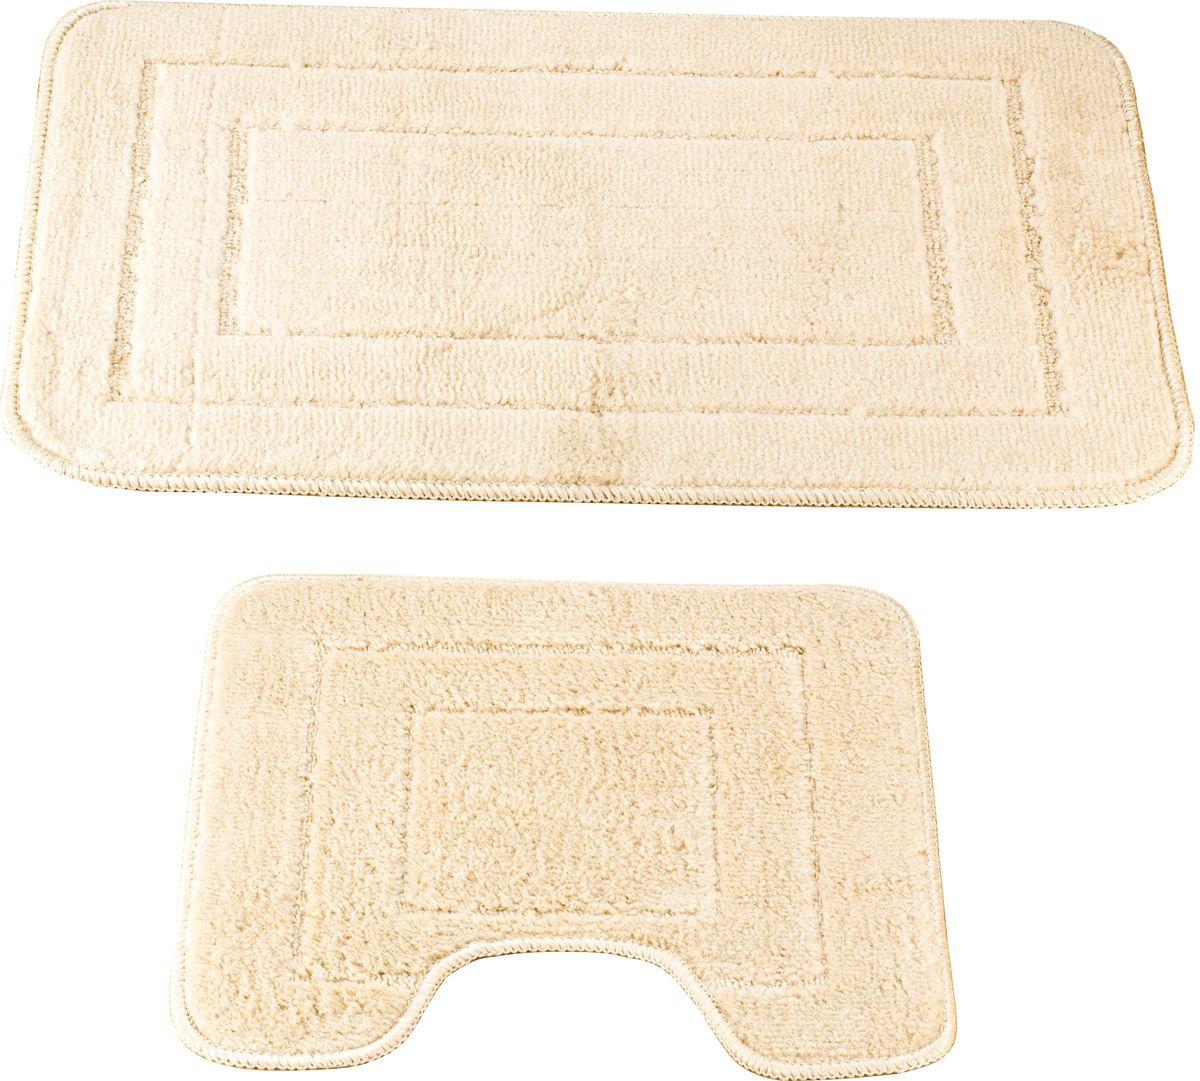 Набор ковриков для ванной Swensa Como, цвет: бежевый, 45 х 70 см, 45 х 45 см, 2 шт19201Набор ковриков Como — аксессуар для ванной комнаты, сочетающий отличные эксплуатационные характеристики с привлекательной расцветкой. Изделие выполнено из гипоаллергенного и износостойкого полипропиленового волокна. Рельефный ворс различной длины обеспечивает приятные тактильные ощущения и легкий массажный эффект. Края обработаны оверлоком, что предохраняет коврик от разлохмачивания и деформации. Рекомендована деликатная машинная стирка.